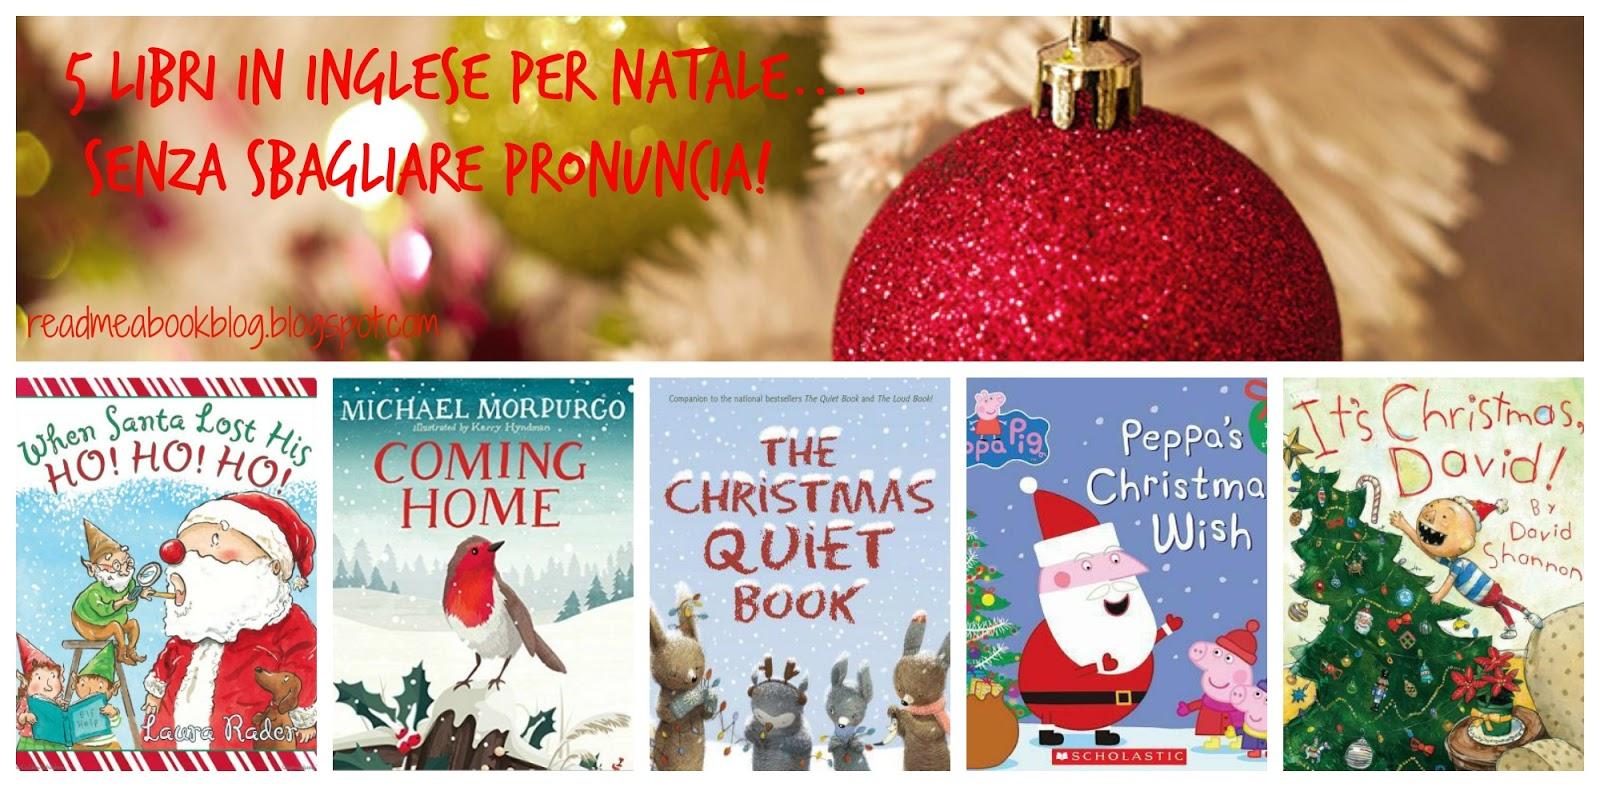 Natale In Inglese.5 Libri Di Natale In Inglese Senza Sbagliare Pronuncia